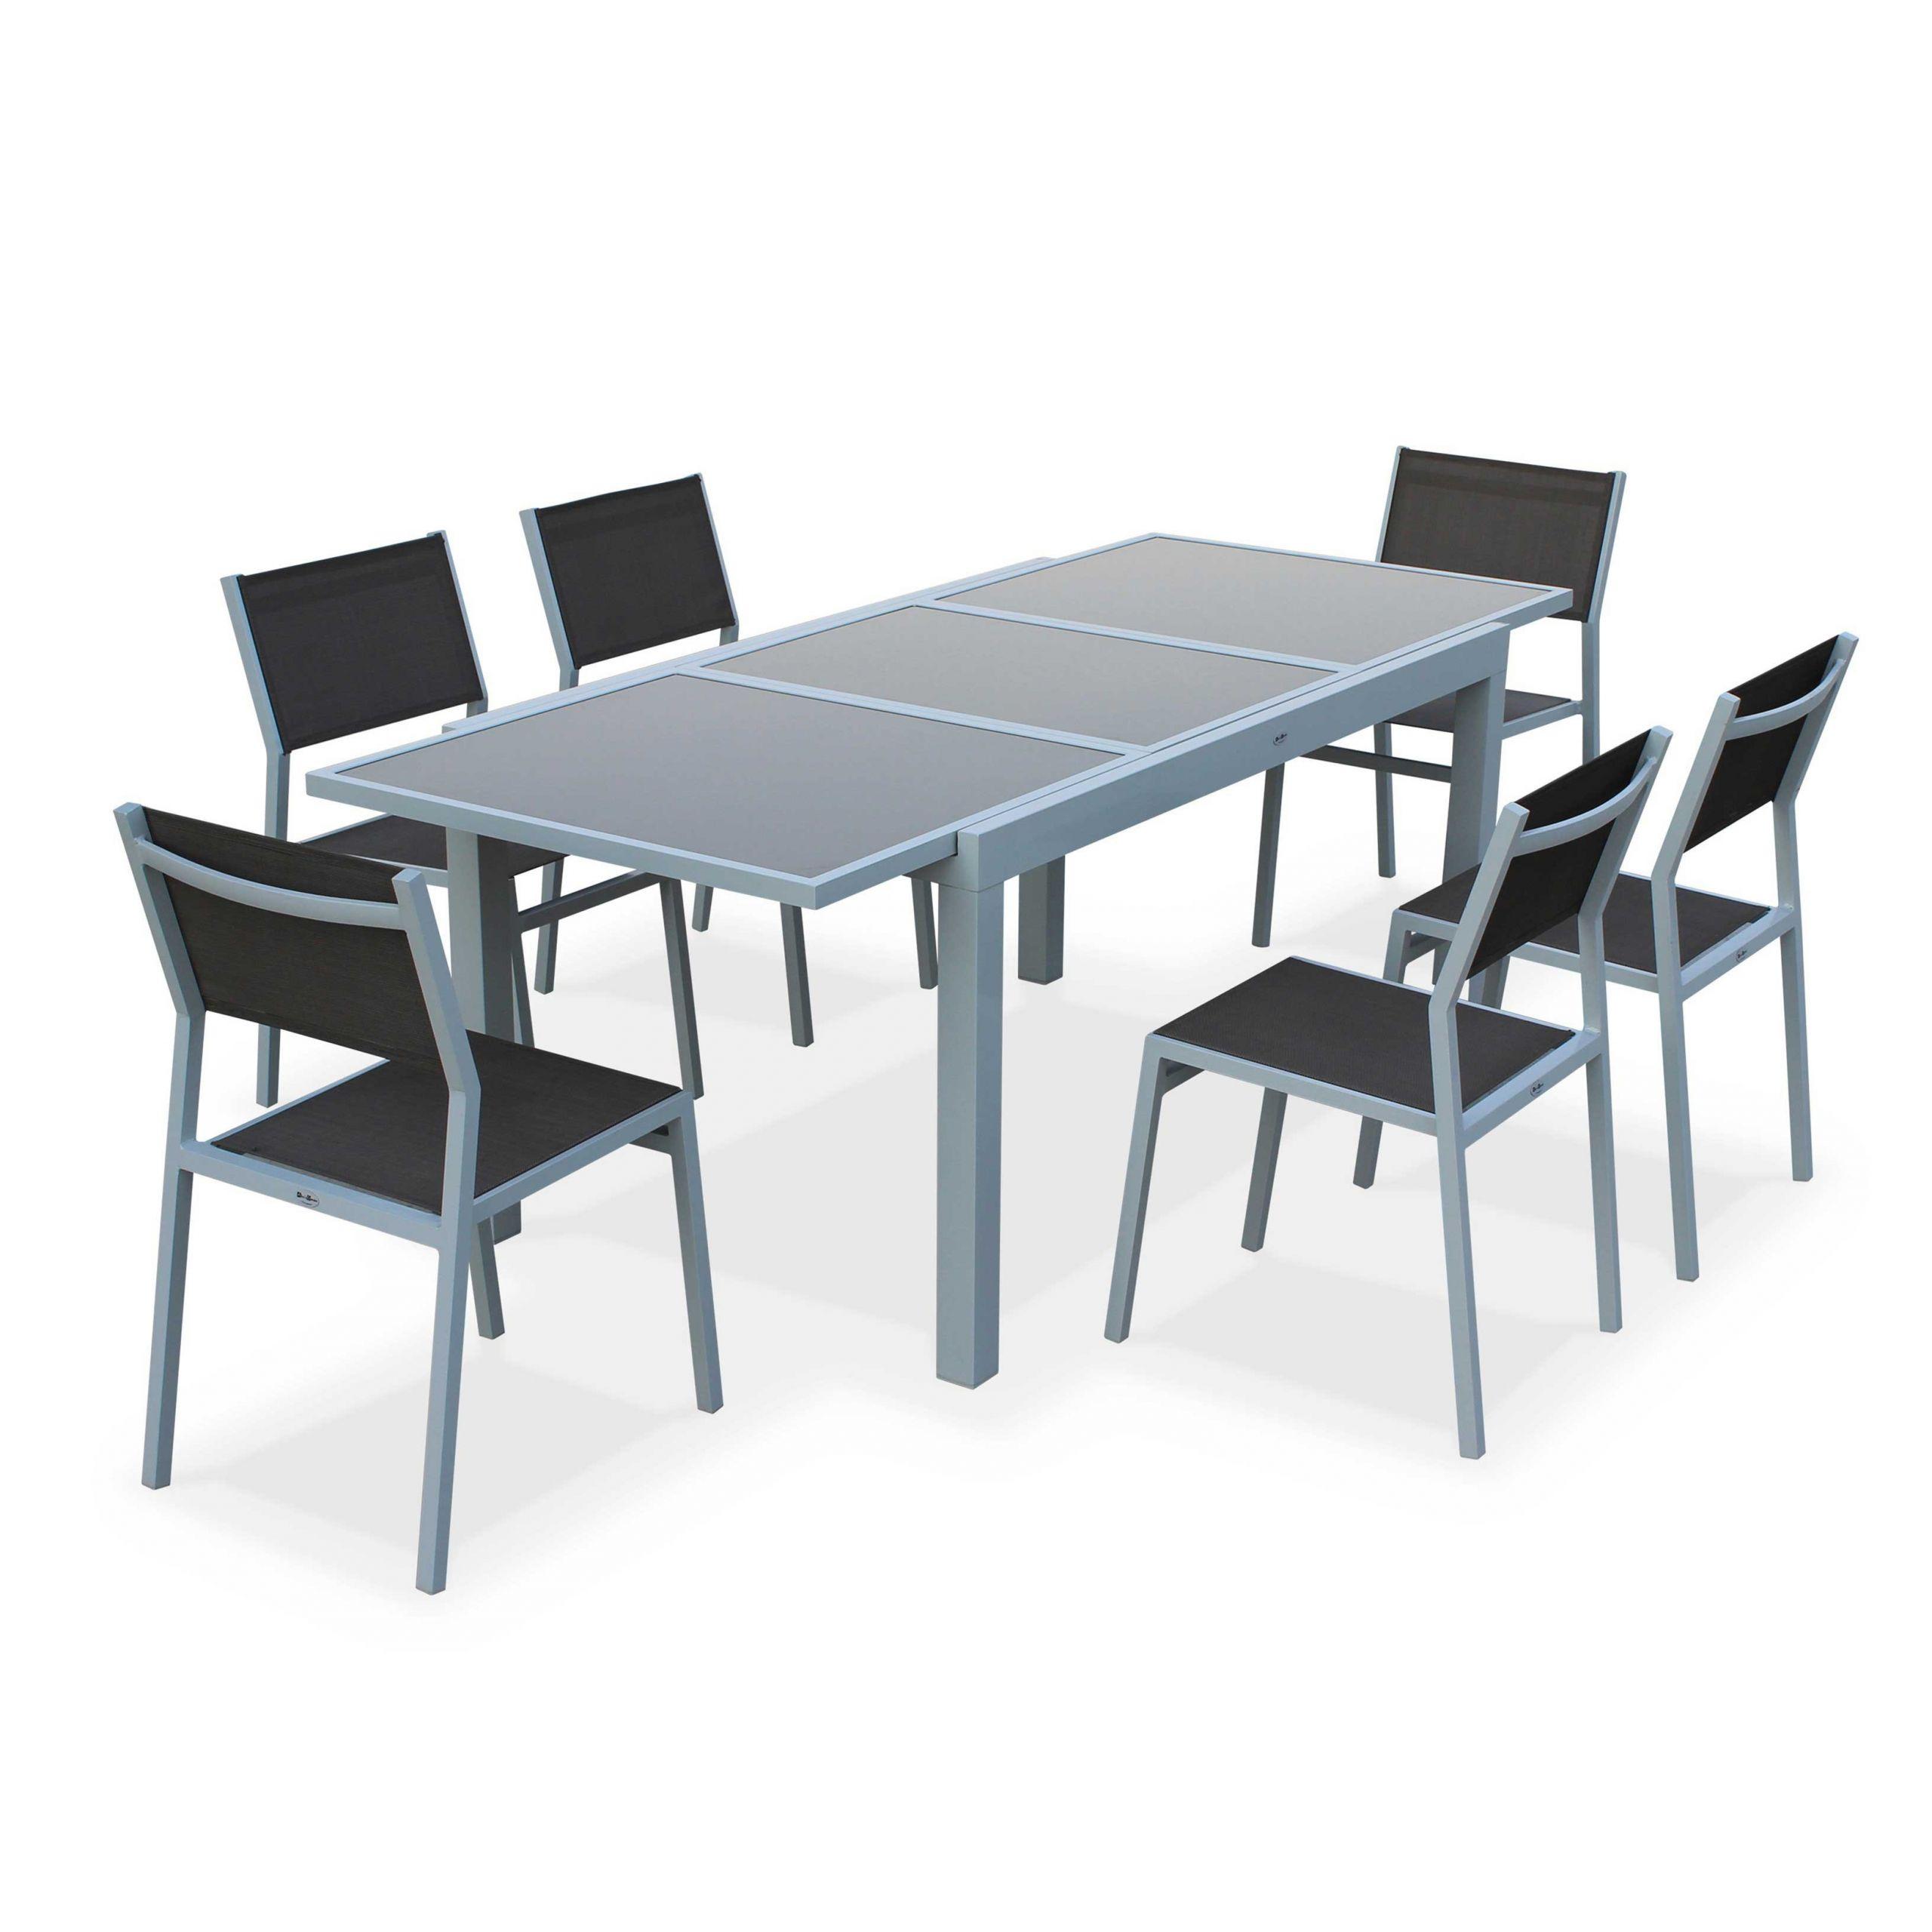 table pliante leclerc meilleur inspirant anti crise photos dans table pliante leclerc luxe jardin pas cher salon de soldes 6 galerie of